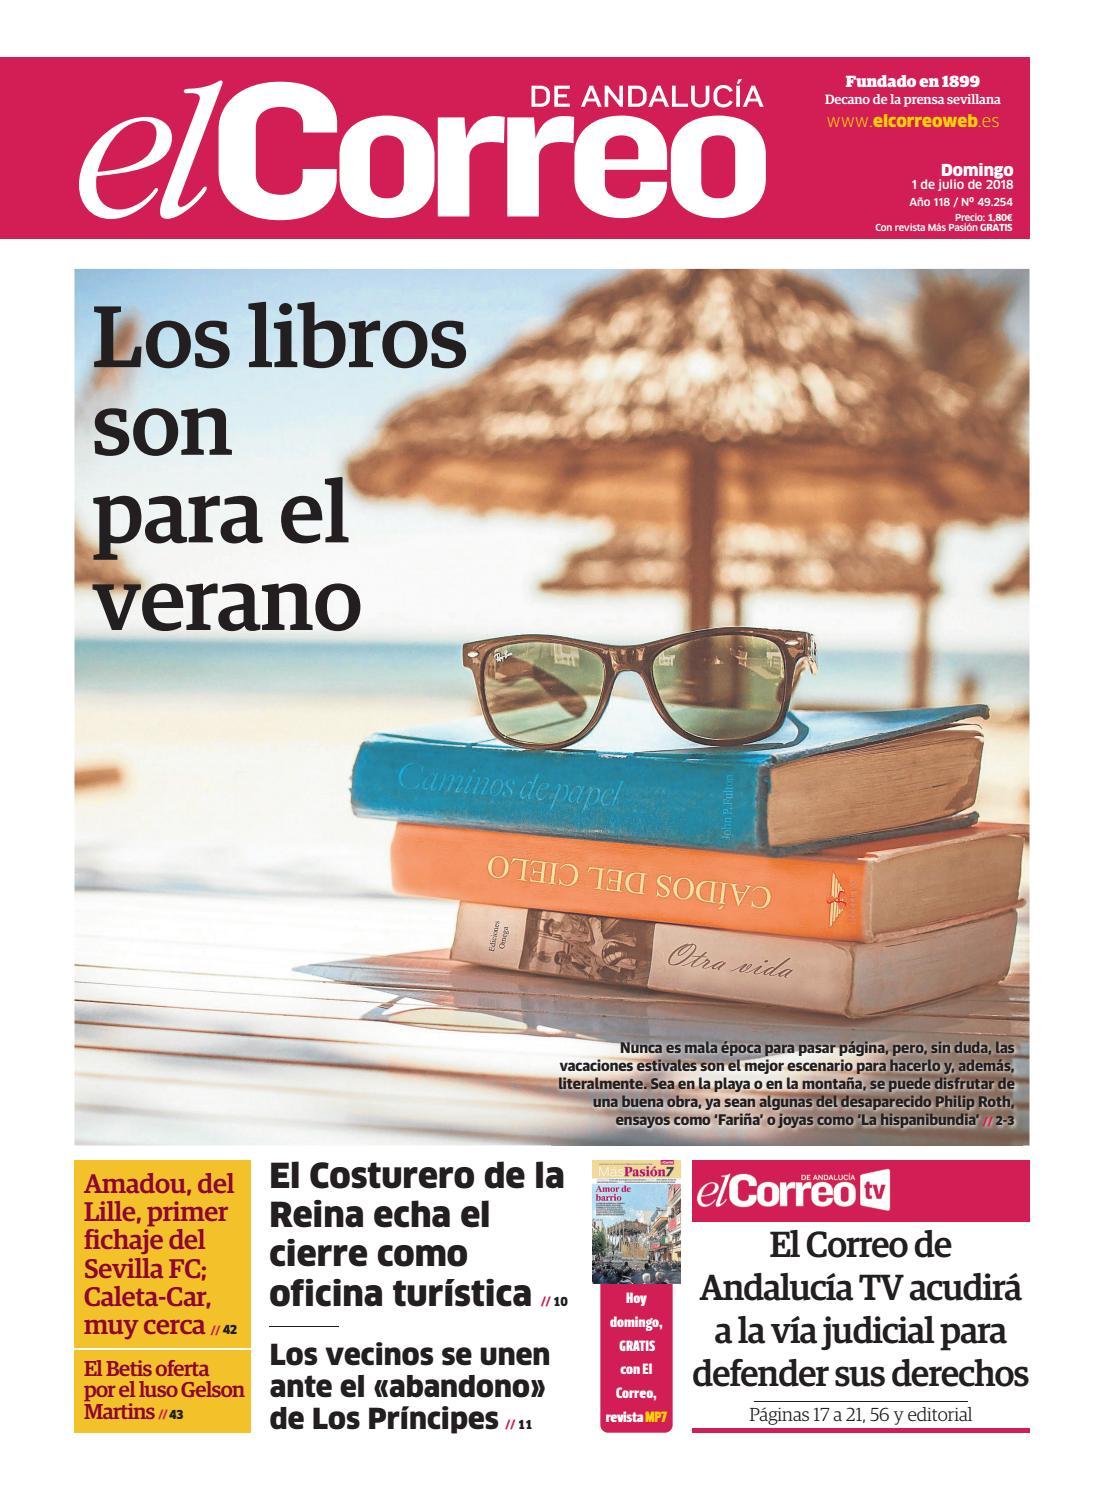 9c103da7ecf63 01.07.2018 El Correo de Andalucía by EL CORREO DE ANDALUCÍA S.L. - issuu